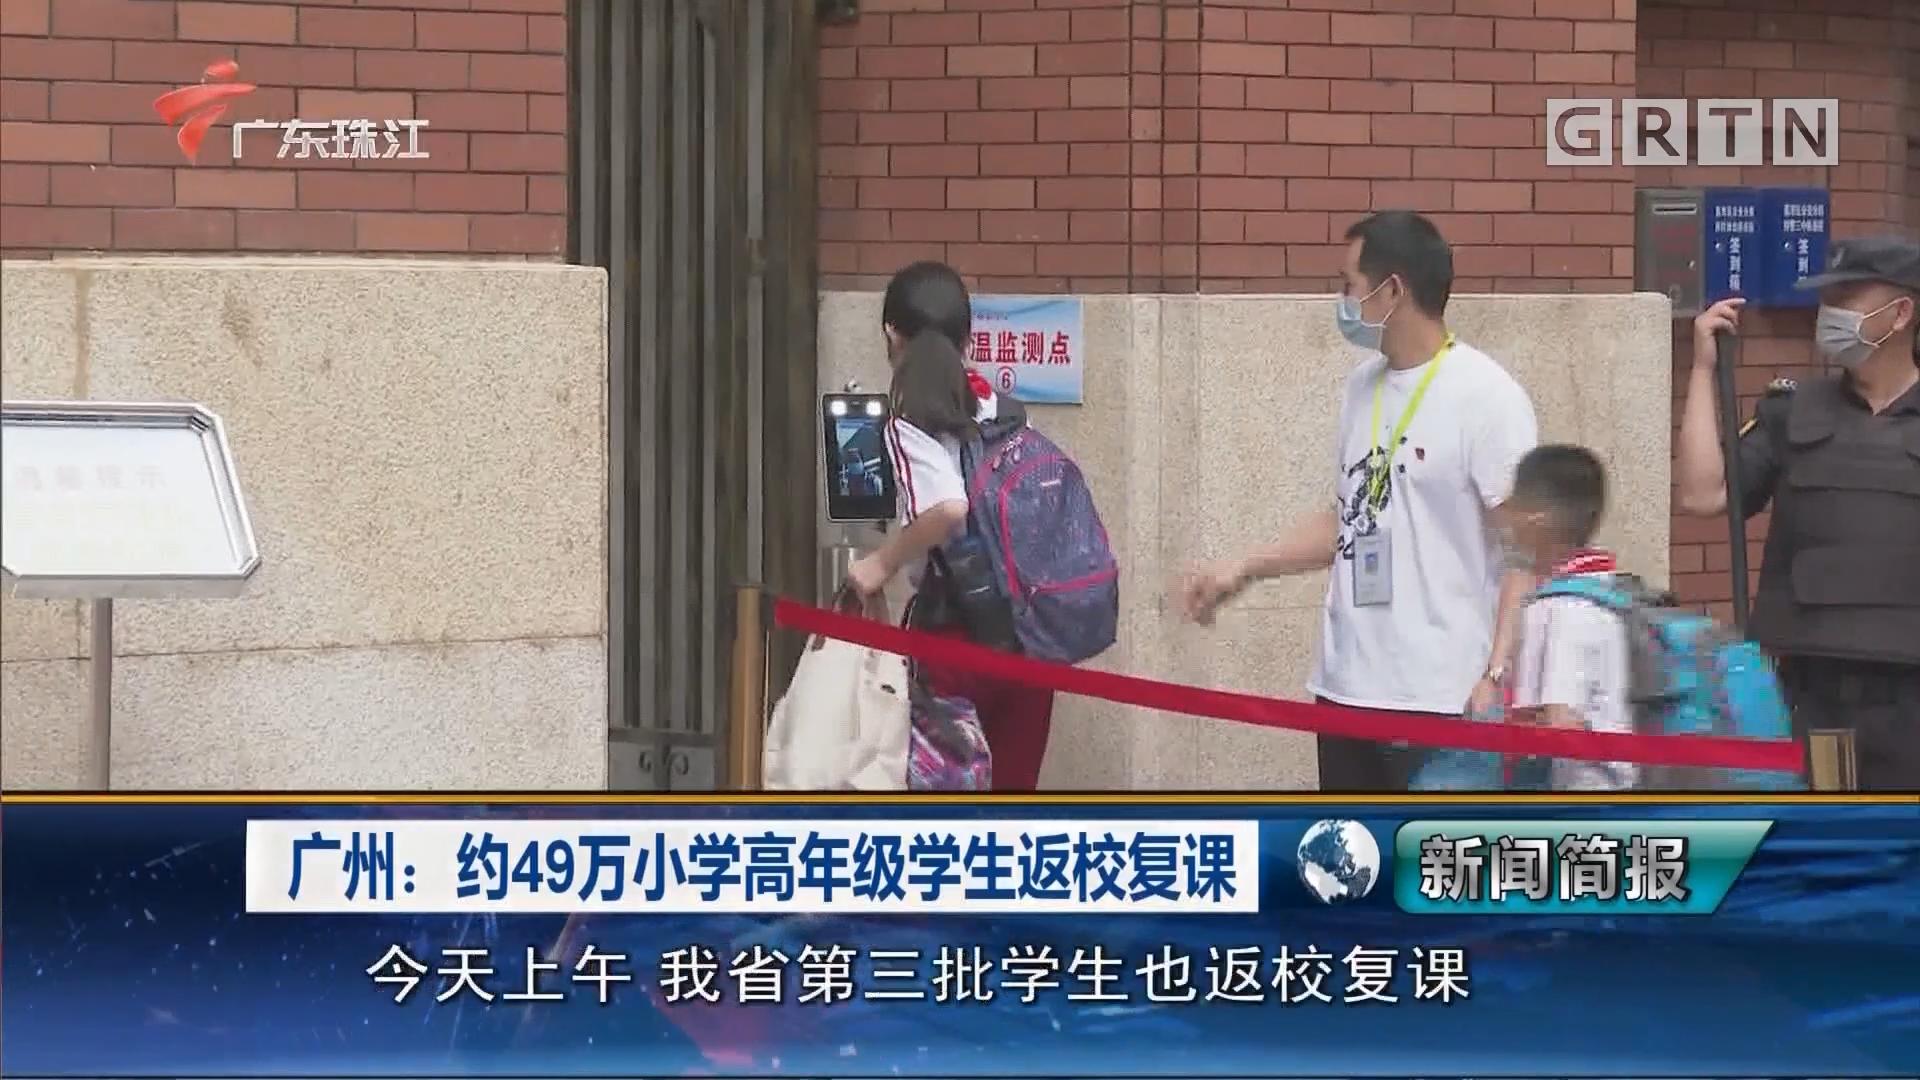 广州:约49万小学高年级学生返校复课